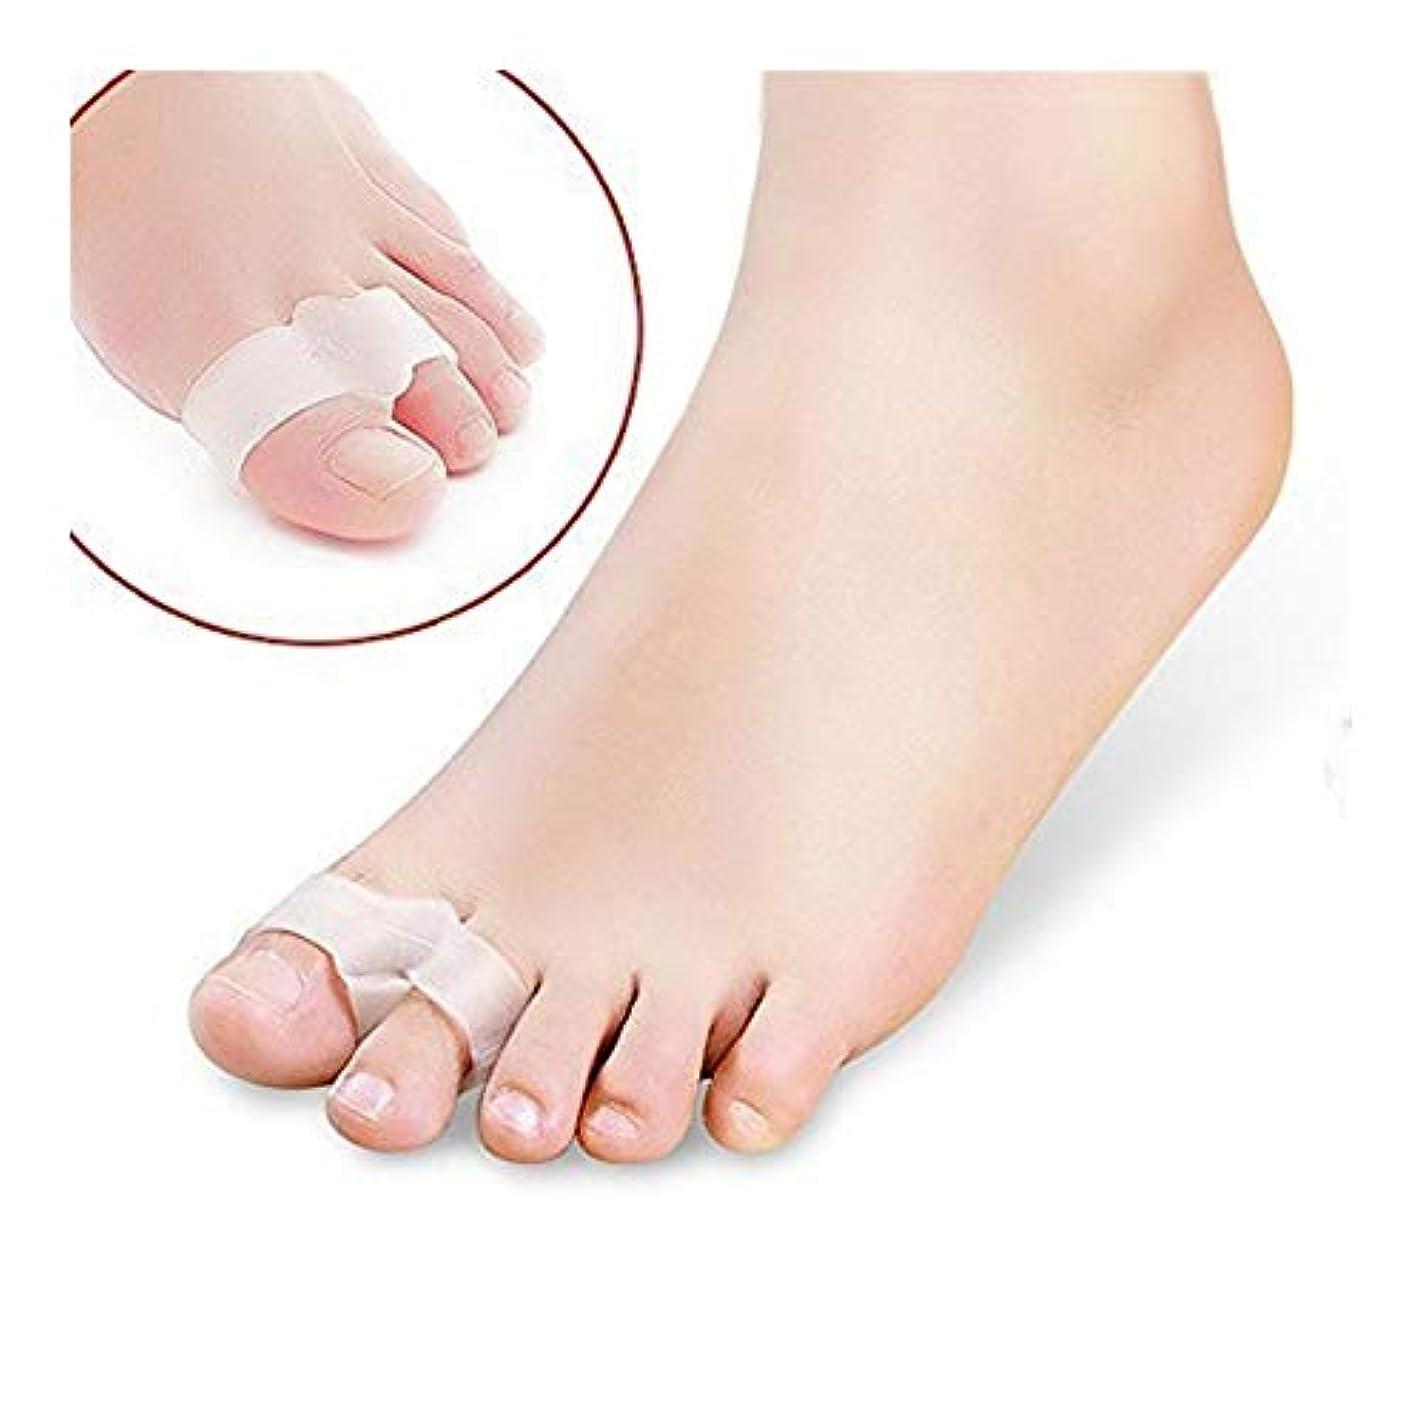 かすかな不幸どっち外反母趾サポーター 親指矯正グッズ 厚型ジェルパッド 足指を広げる 痛み改善 快適歩行 靴下履ける 高品質シリコン制 伸縮性 通気性 男女兼用 [1組] おしゃれ 人気